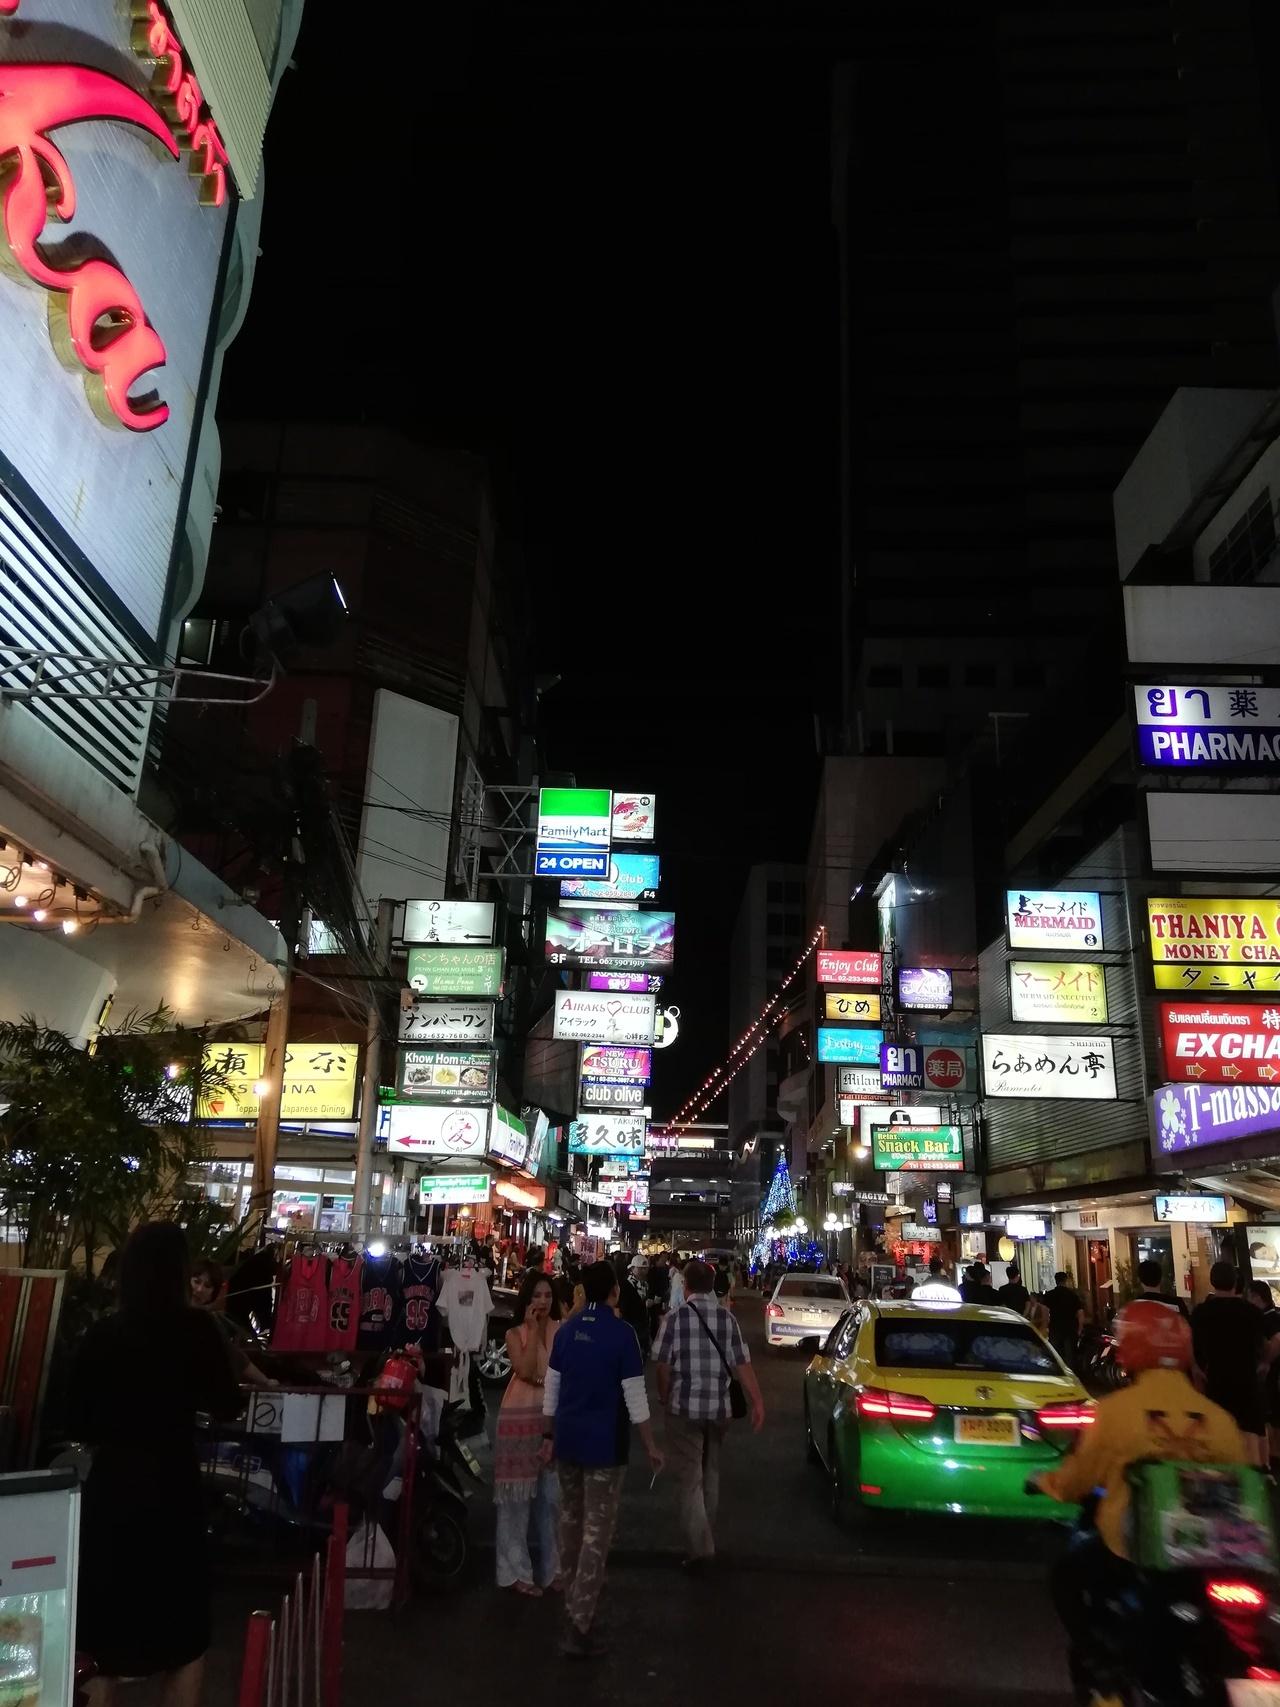 やって来ました、タニヤ通り! 幾つもあるキャバクラの前には女の子が雛壇の様に並んでいて、ひと頃より街が元気になっています。